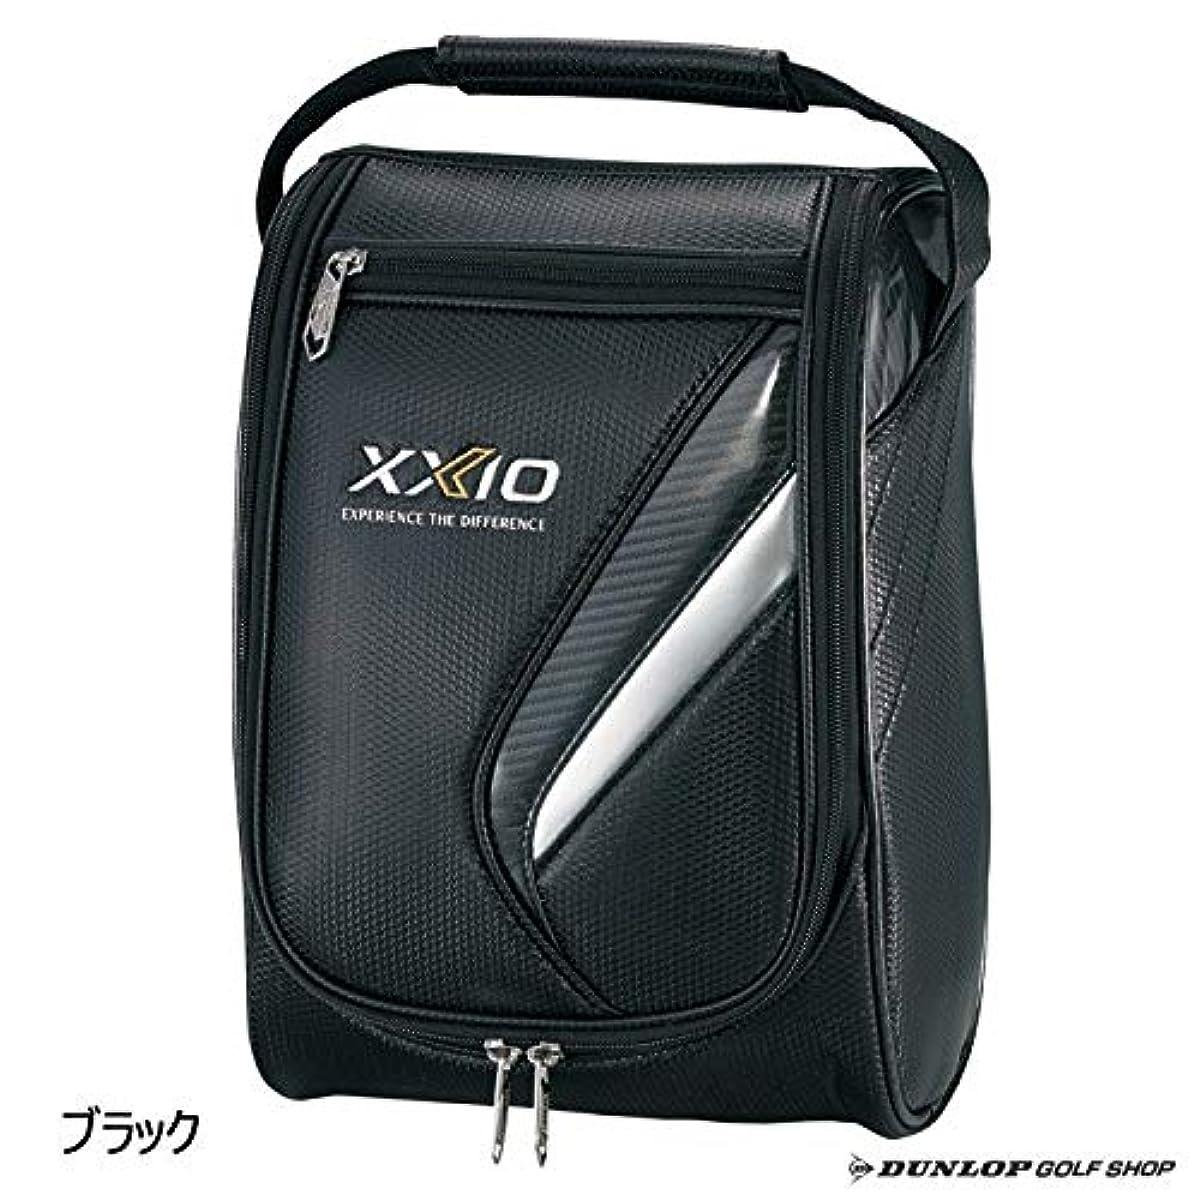 [해외] DUNLOP(던롭) 슈즈 케이스 XXIO 젝시오 슈즈 케이스 GGA-X109 블랙